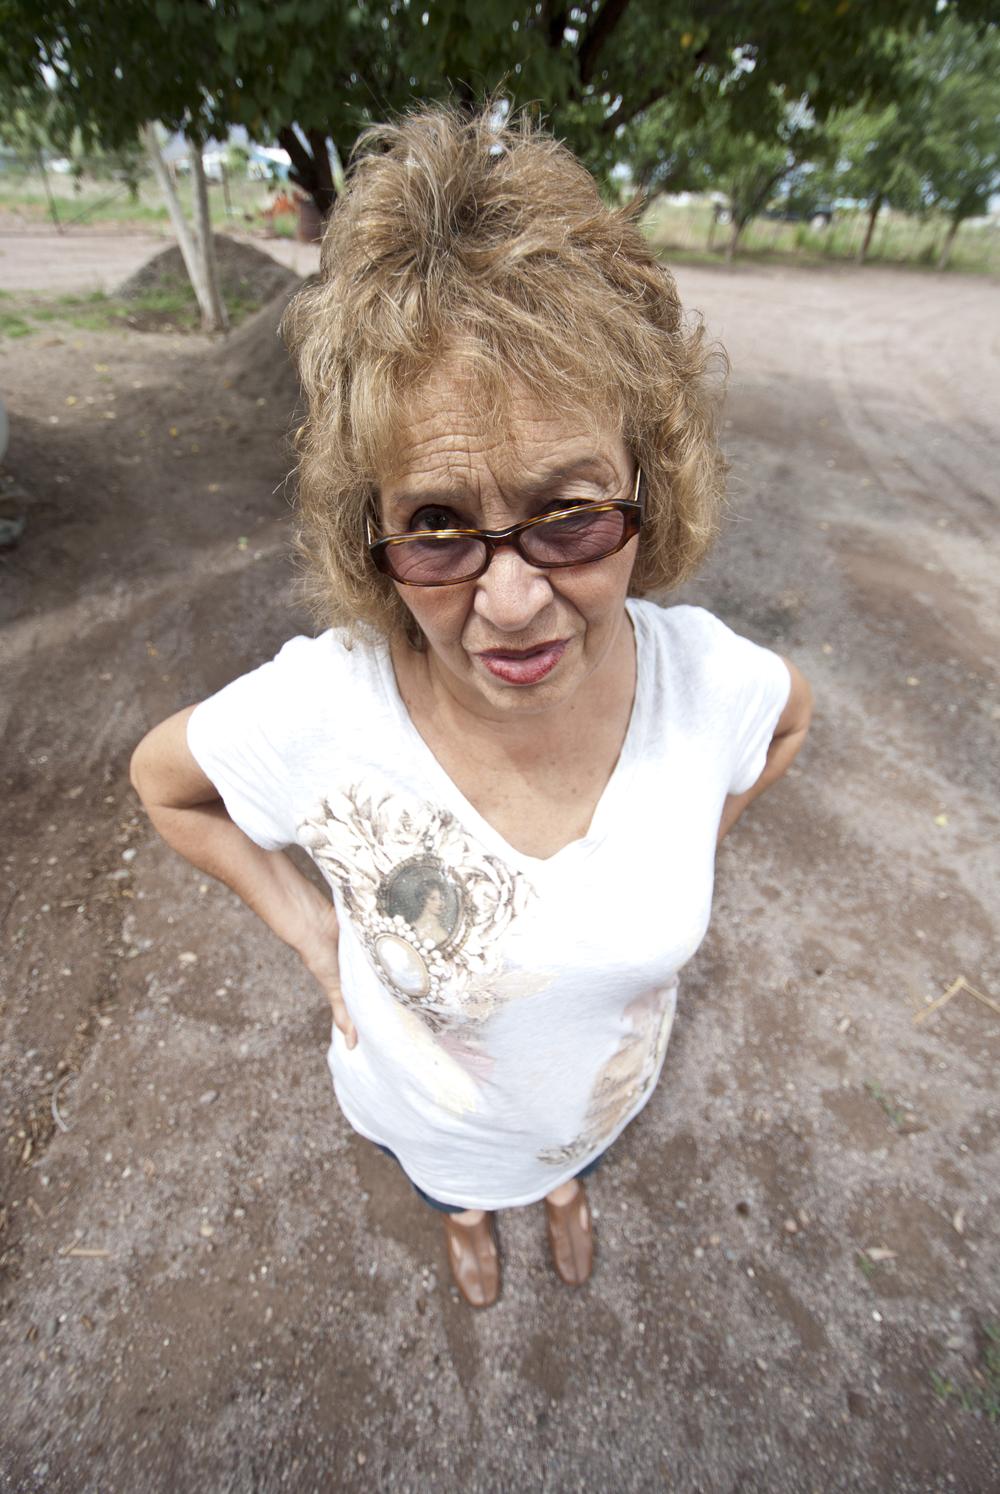 Grandma Margaret